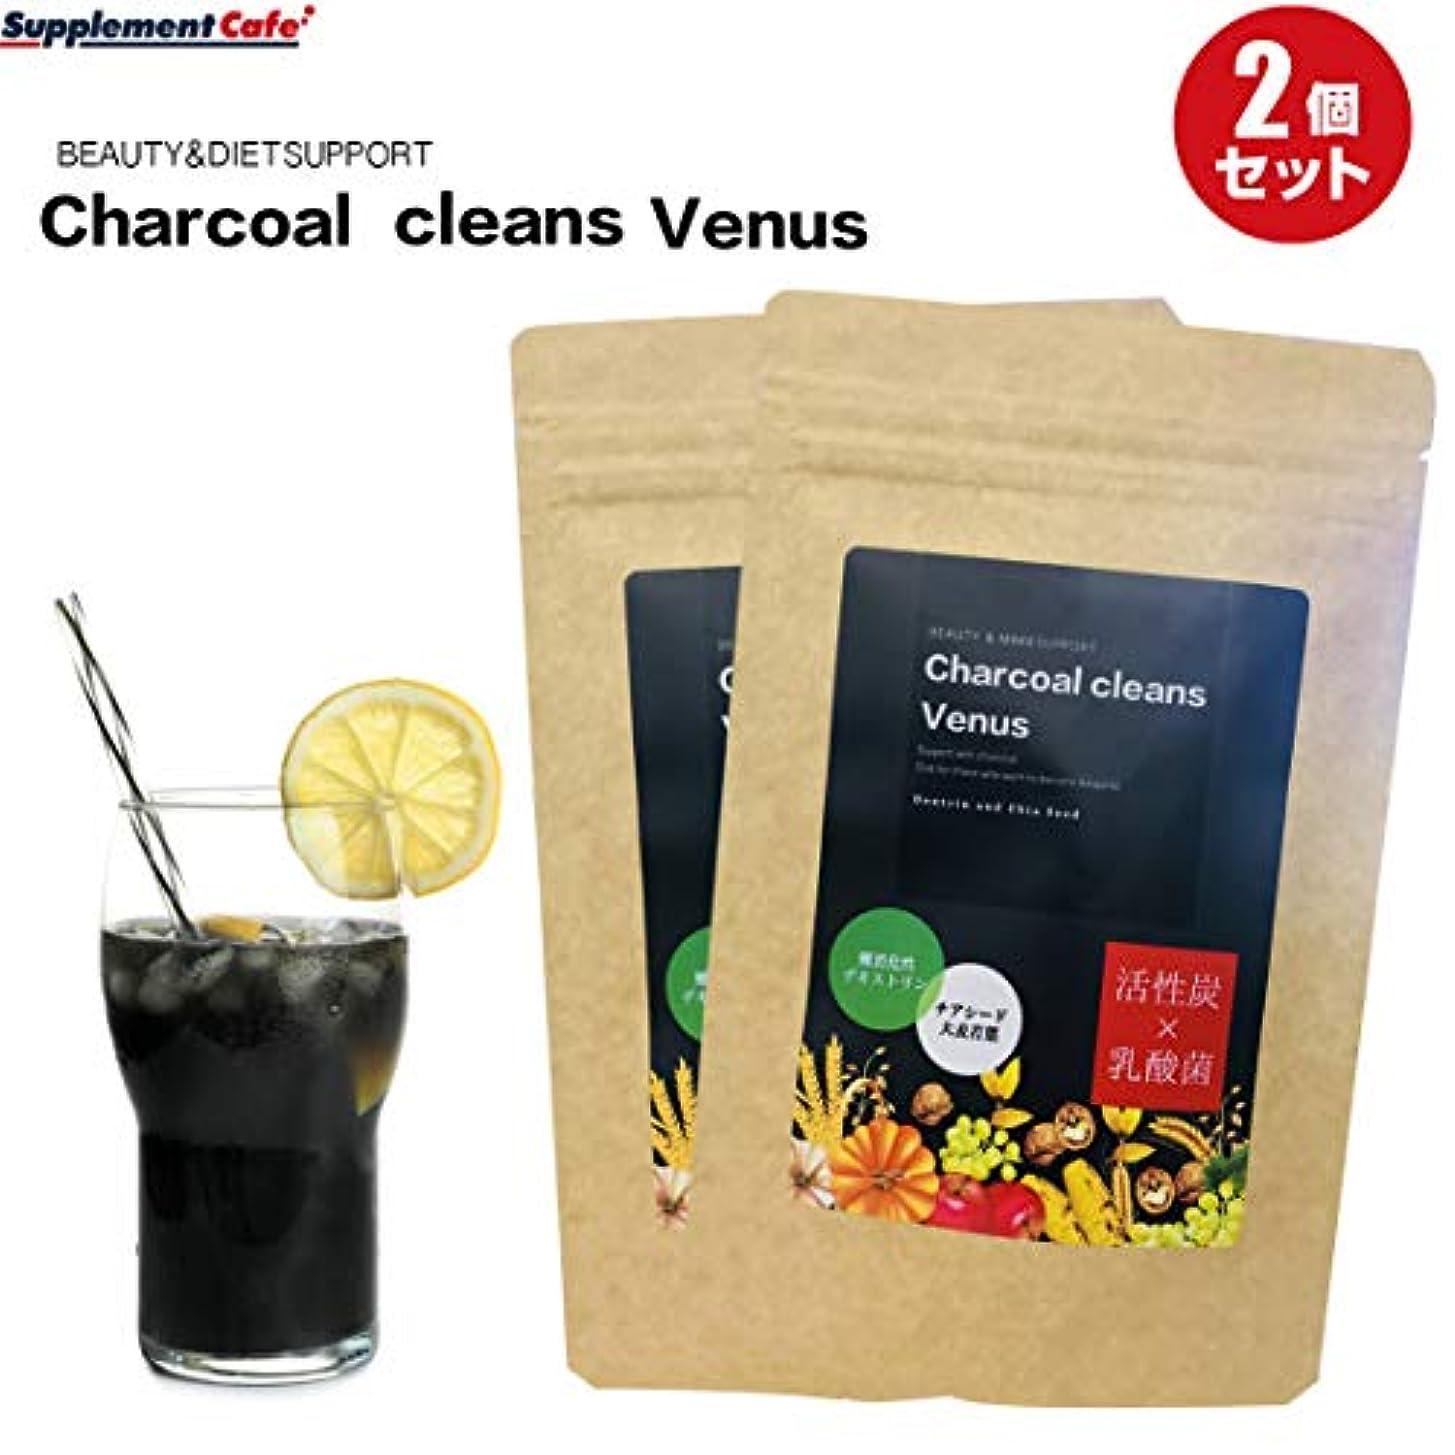 適切にアッティカス行動2袋セット 炭 デトックス & ダイエット 活性炭 + 乳酸菌 チャコールクレンズ ビーナス 約1ヶ月分 150g フルーツMIX味